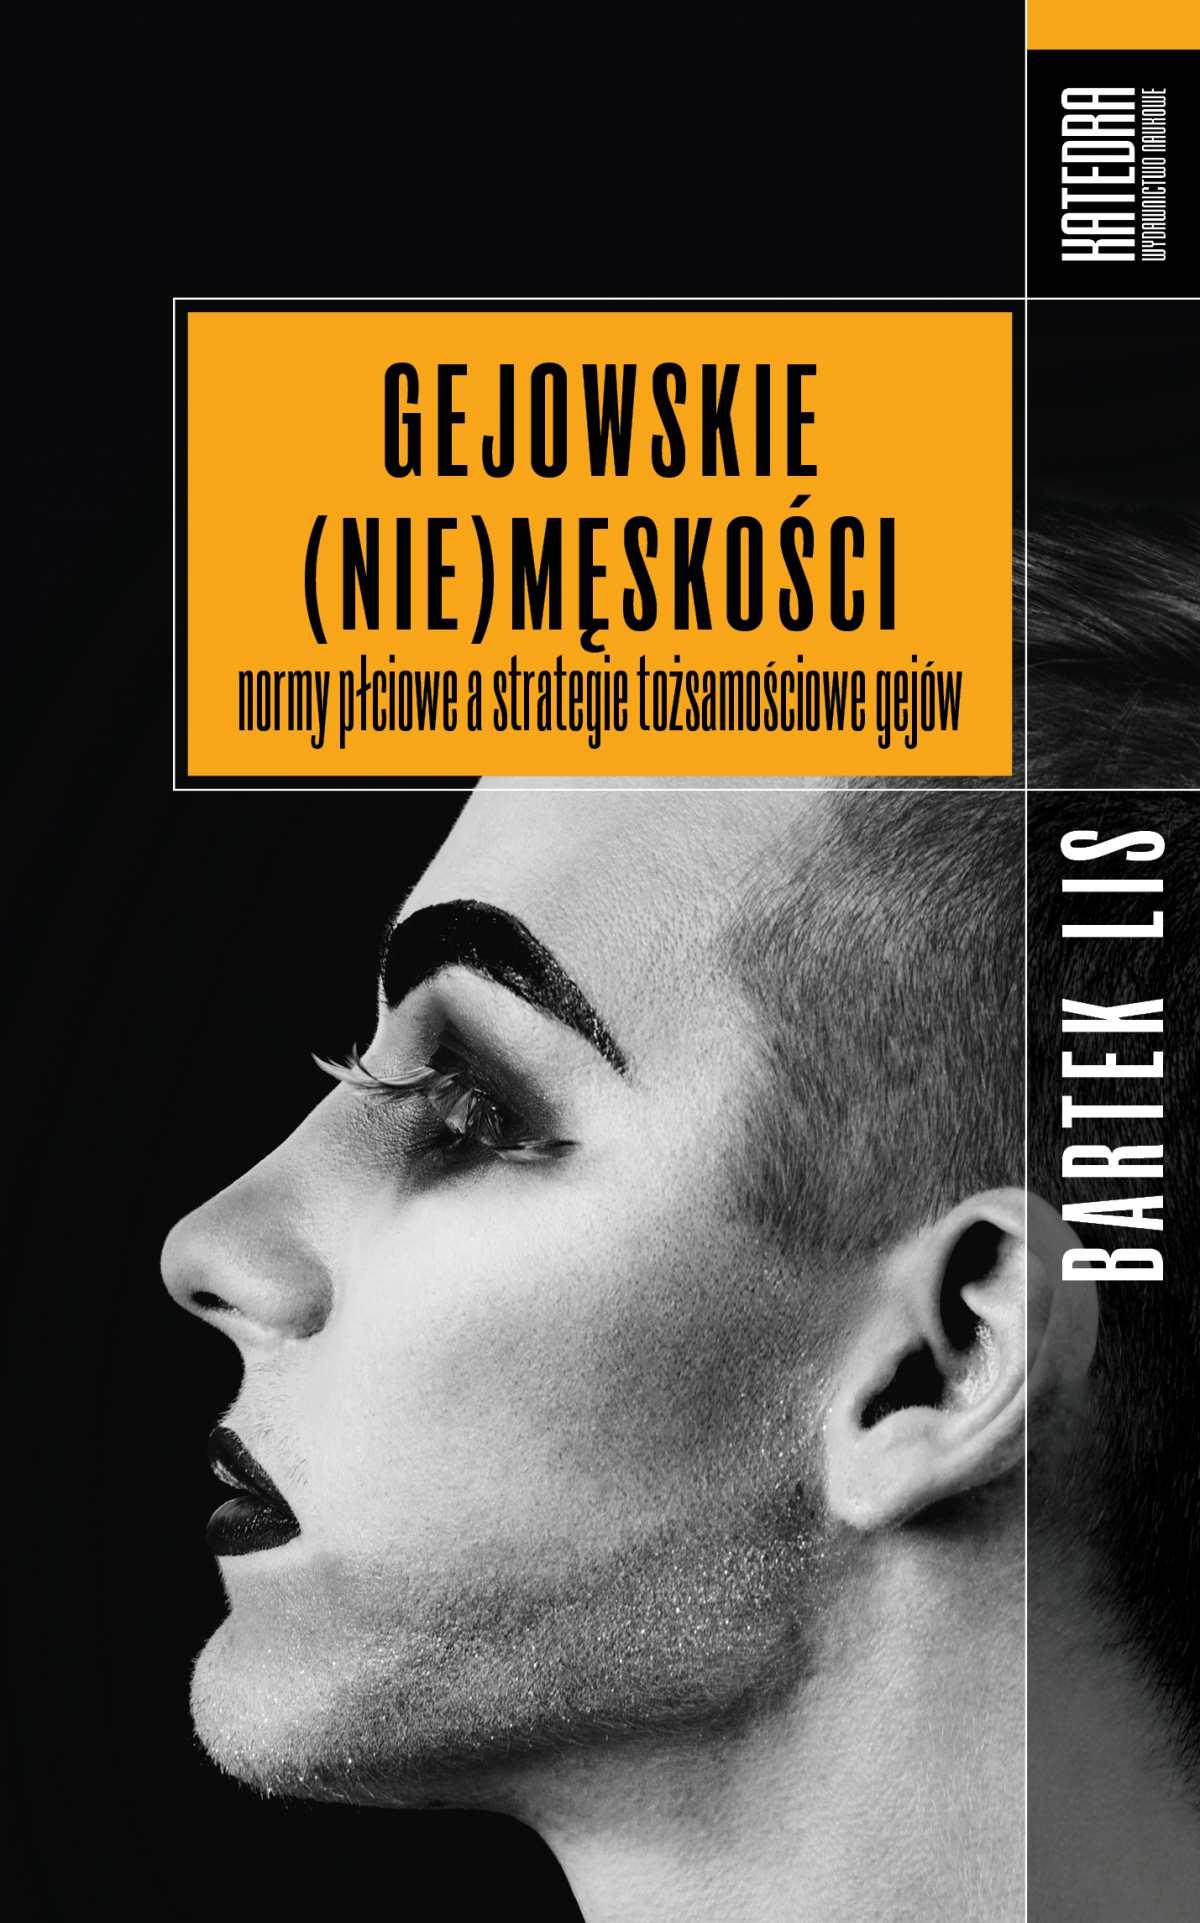 Gejowskie (nie)męskości. Normy płciowe a strategie tożsamościowe gejów - Ebook (Książka na Kindle) do pobrania w formacie MOBI